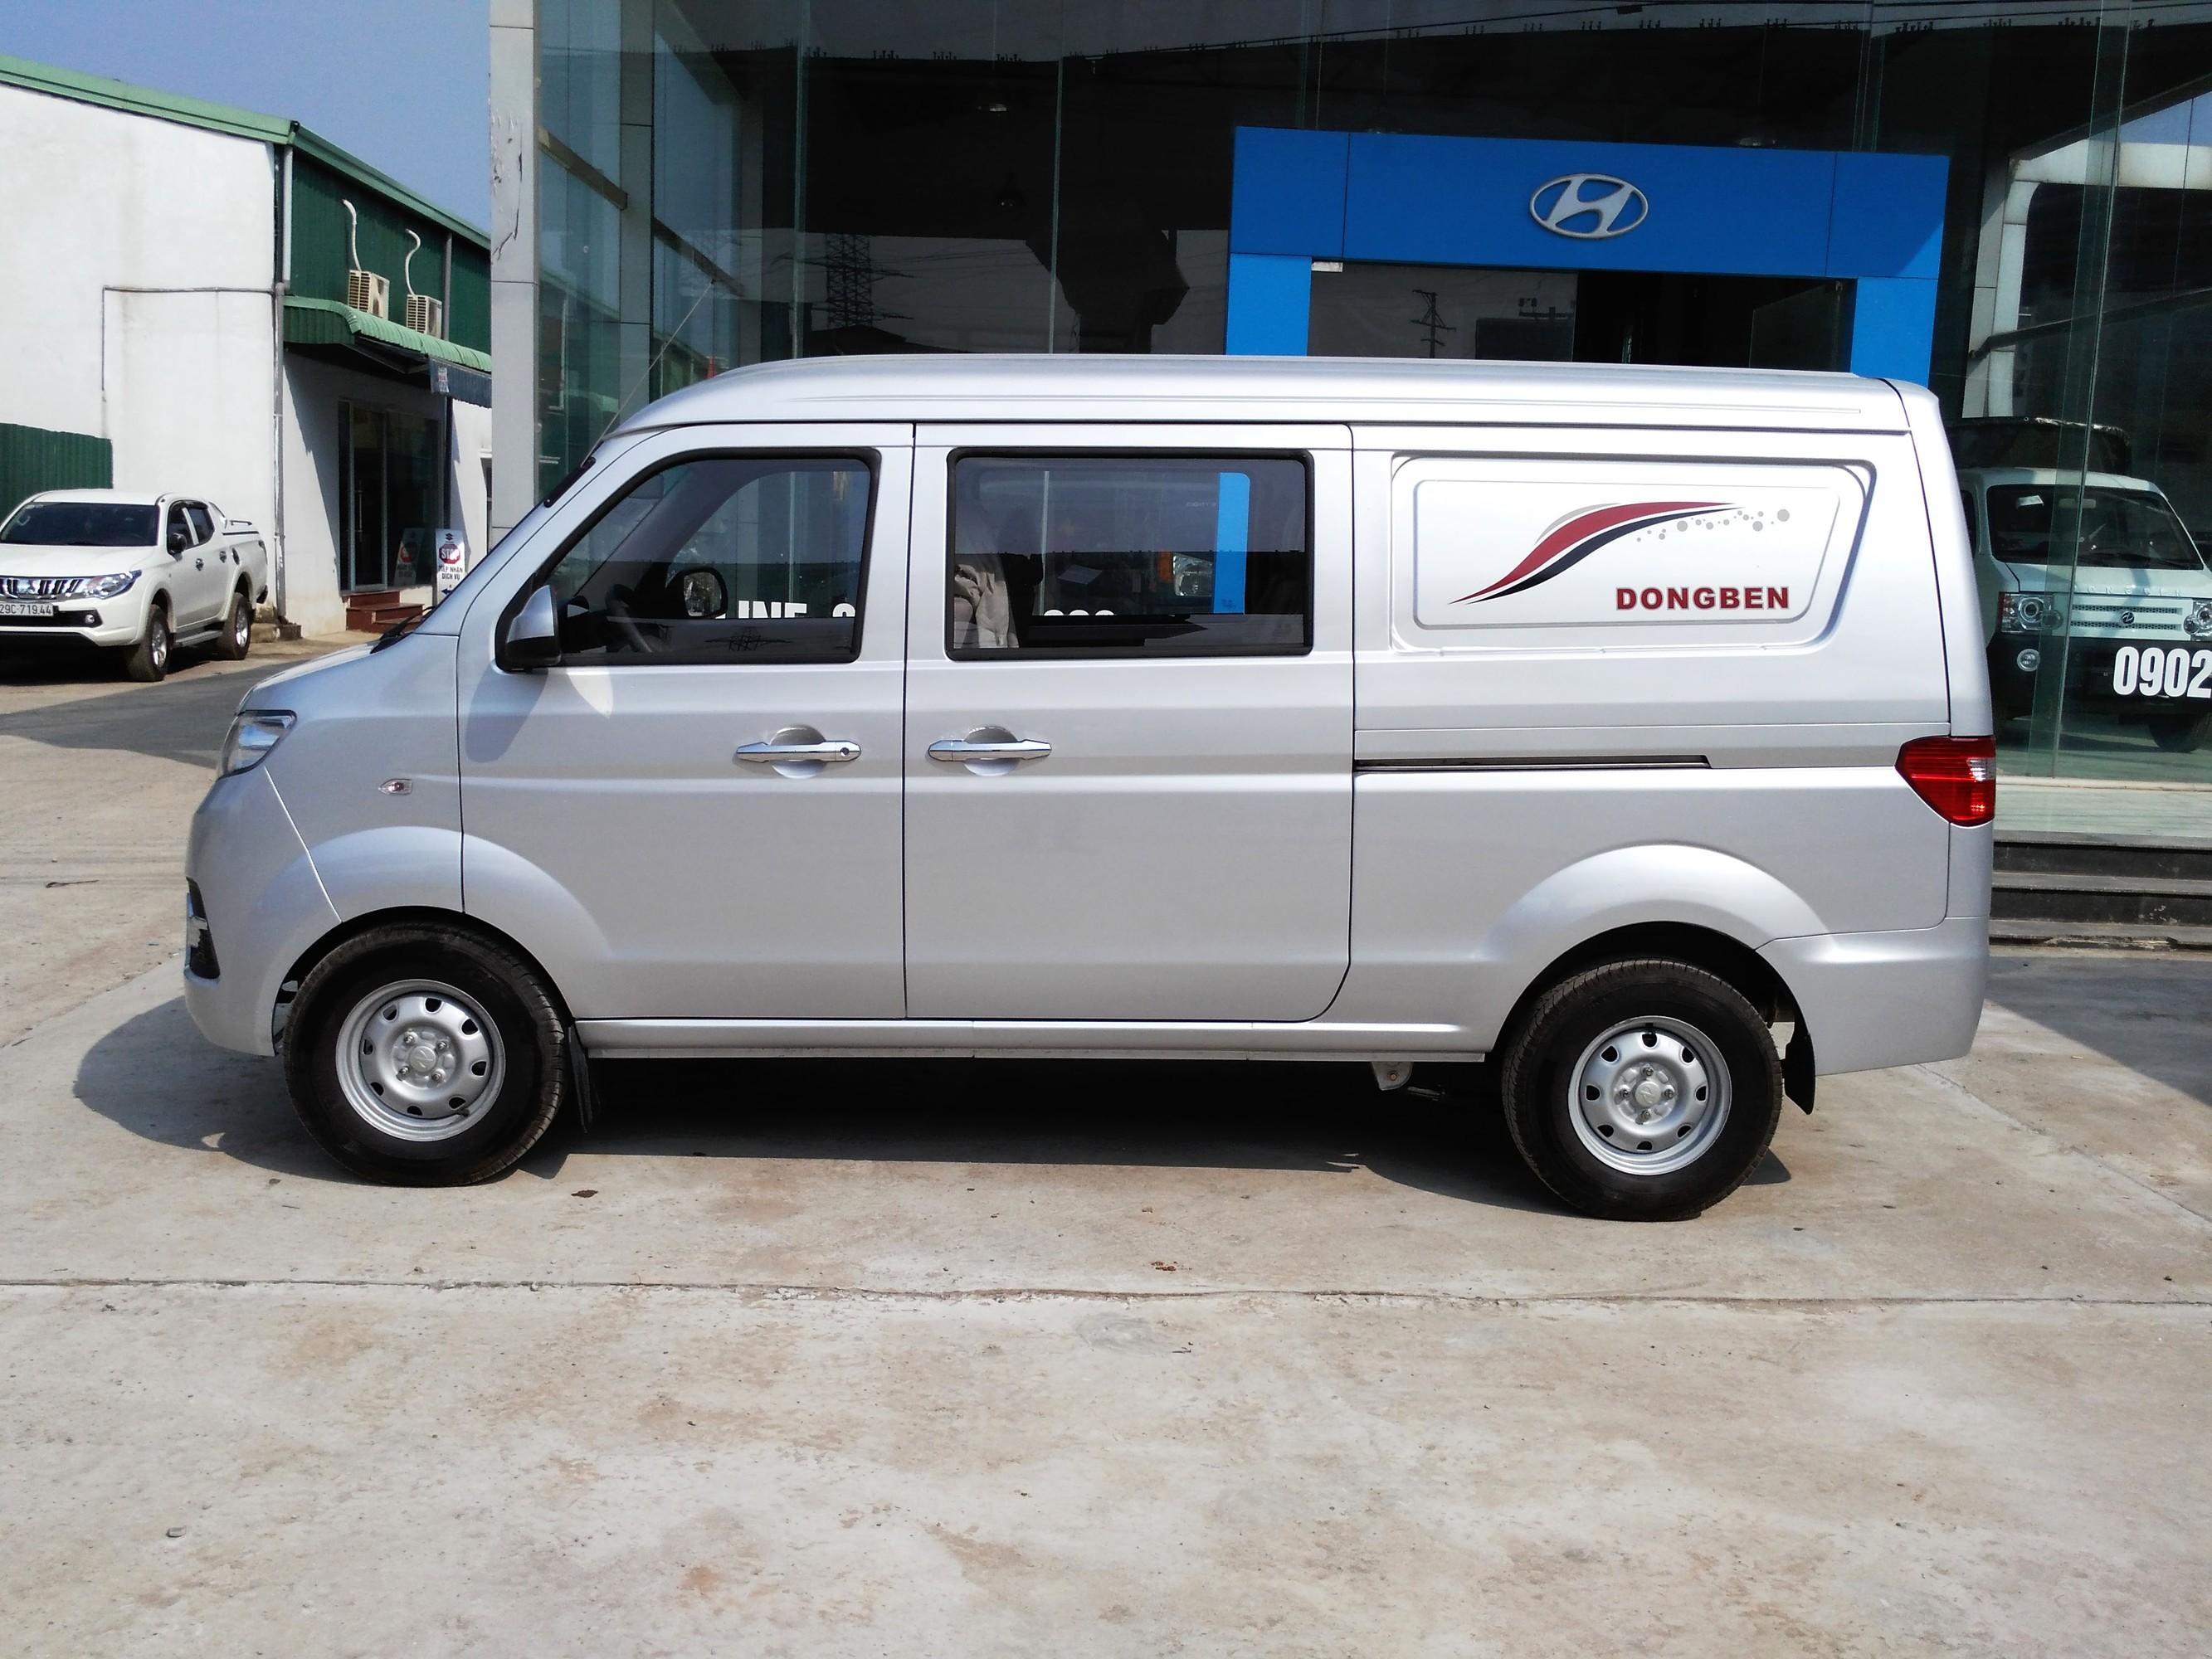 Xe bán tải Dongben X30 2 ghế, tải trọng 1 tấn, máy 1300cc, nội ngoại thất trẻ trung bắt mắt. Ảnh số 40558955